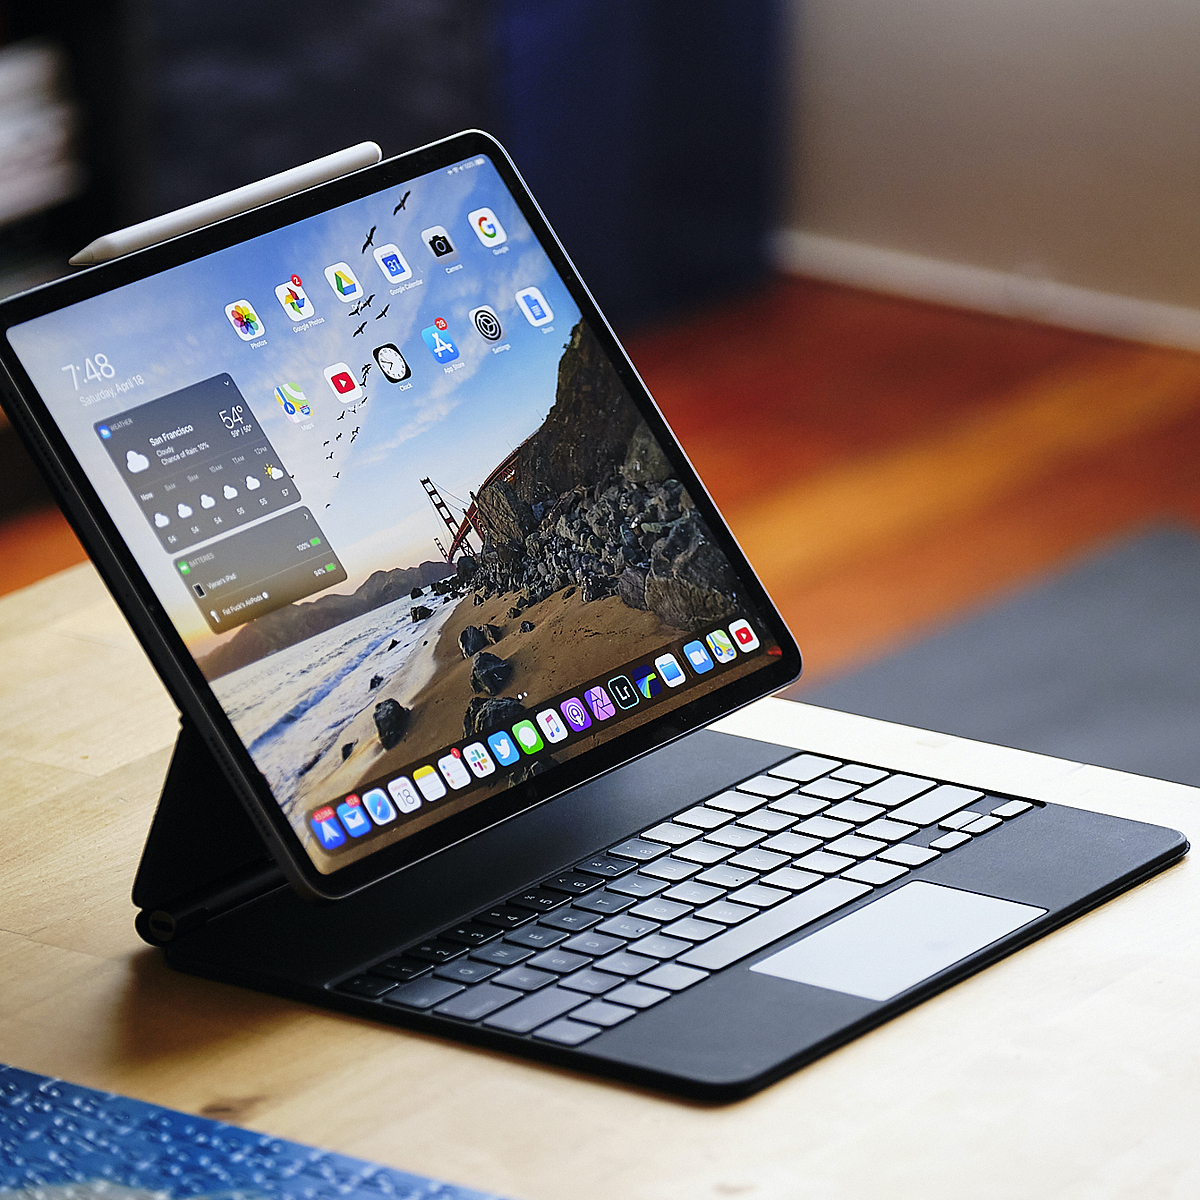 Magic Keyboard có thêm bàn rê chuột và thiết kế mới treo màn hình iPad lơ lửng. Ảnh: Theverge.